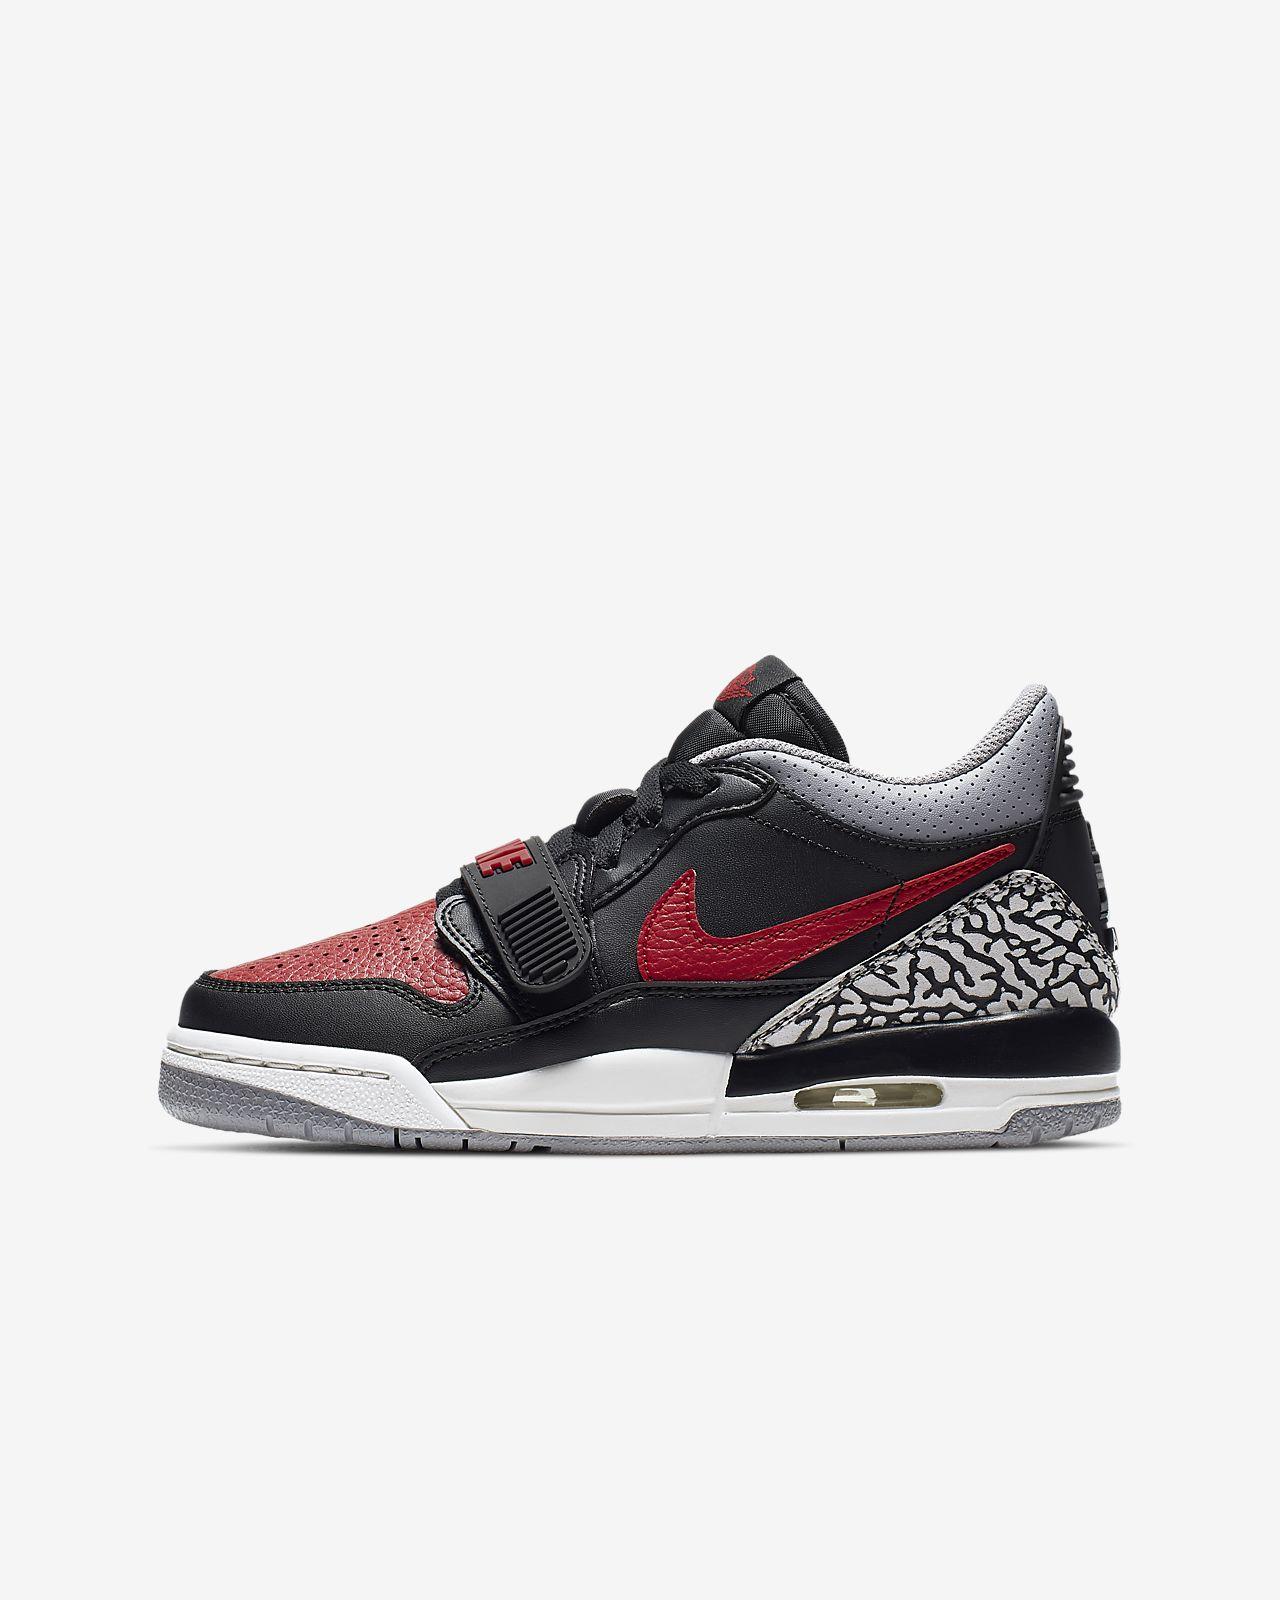 new style 73d8c 428b4 Chaussure Air Jordan Legacy 312 Low pour Enfant plus âgé. Nike.com CH